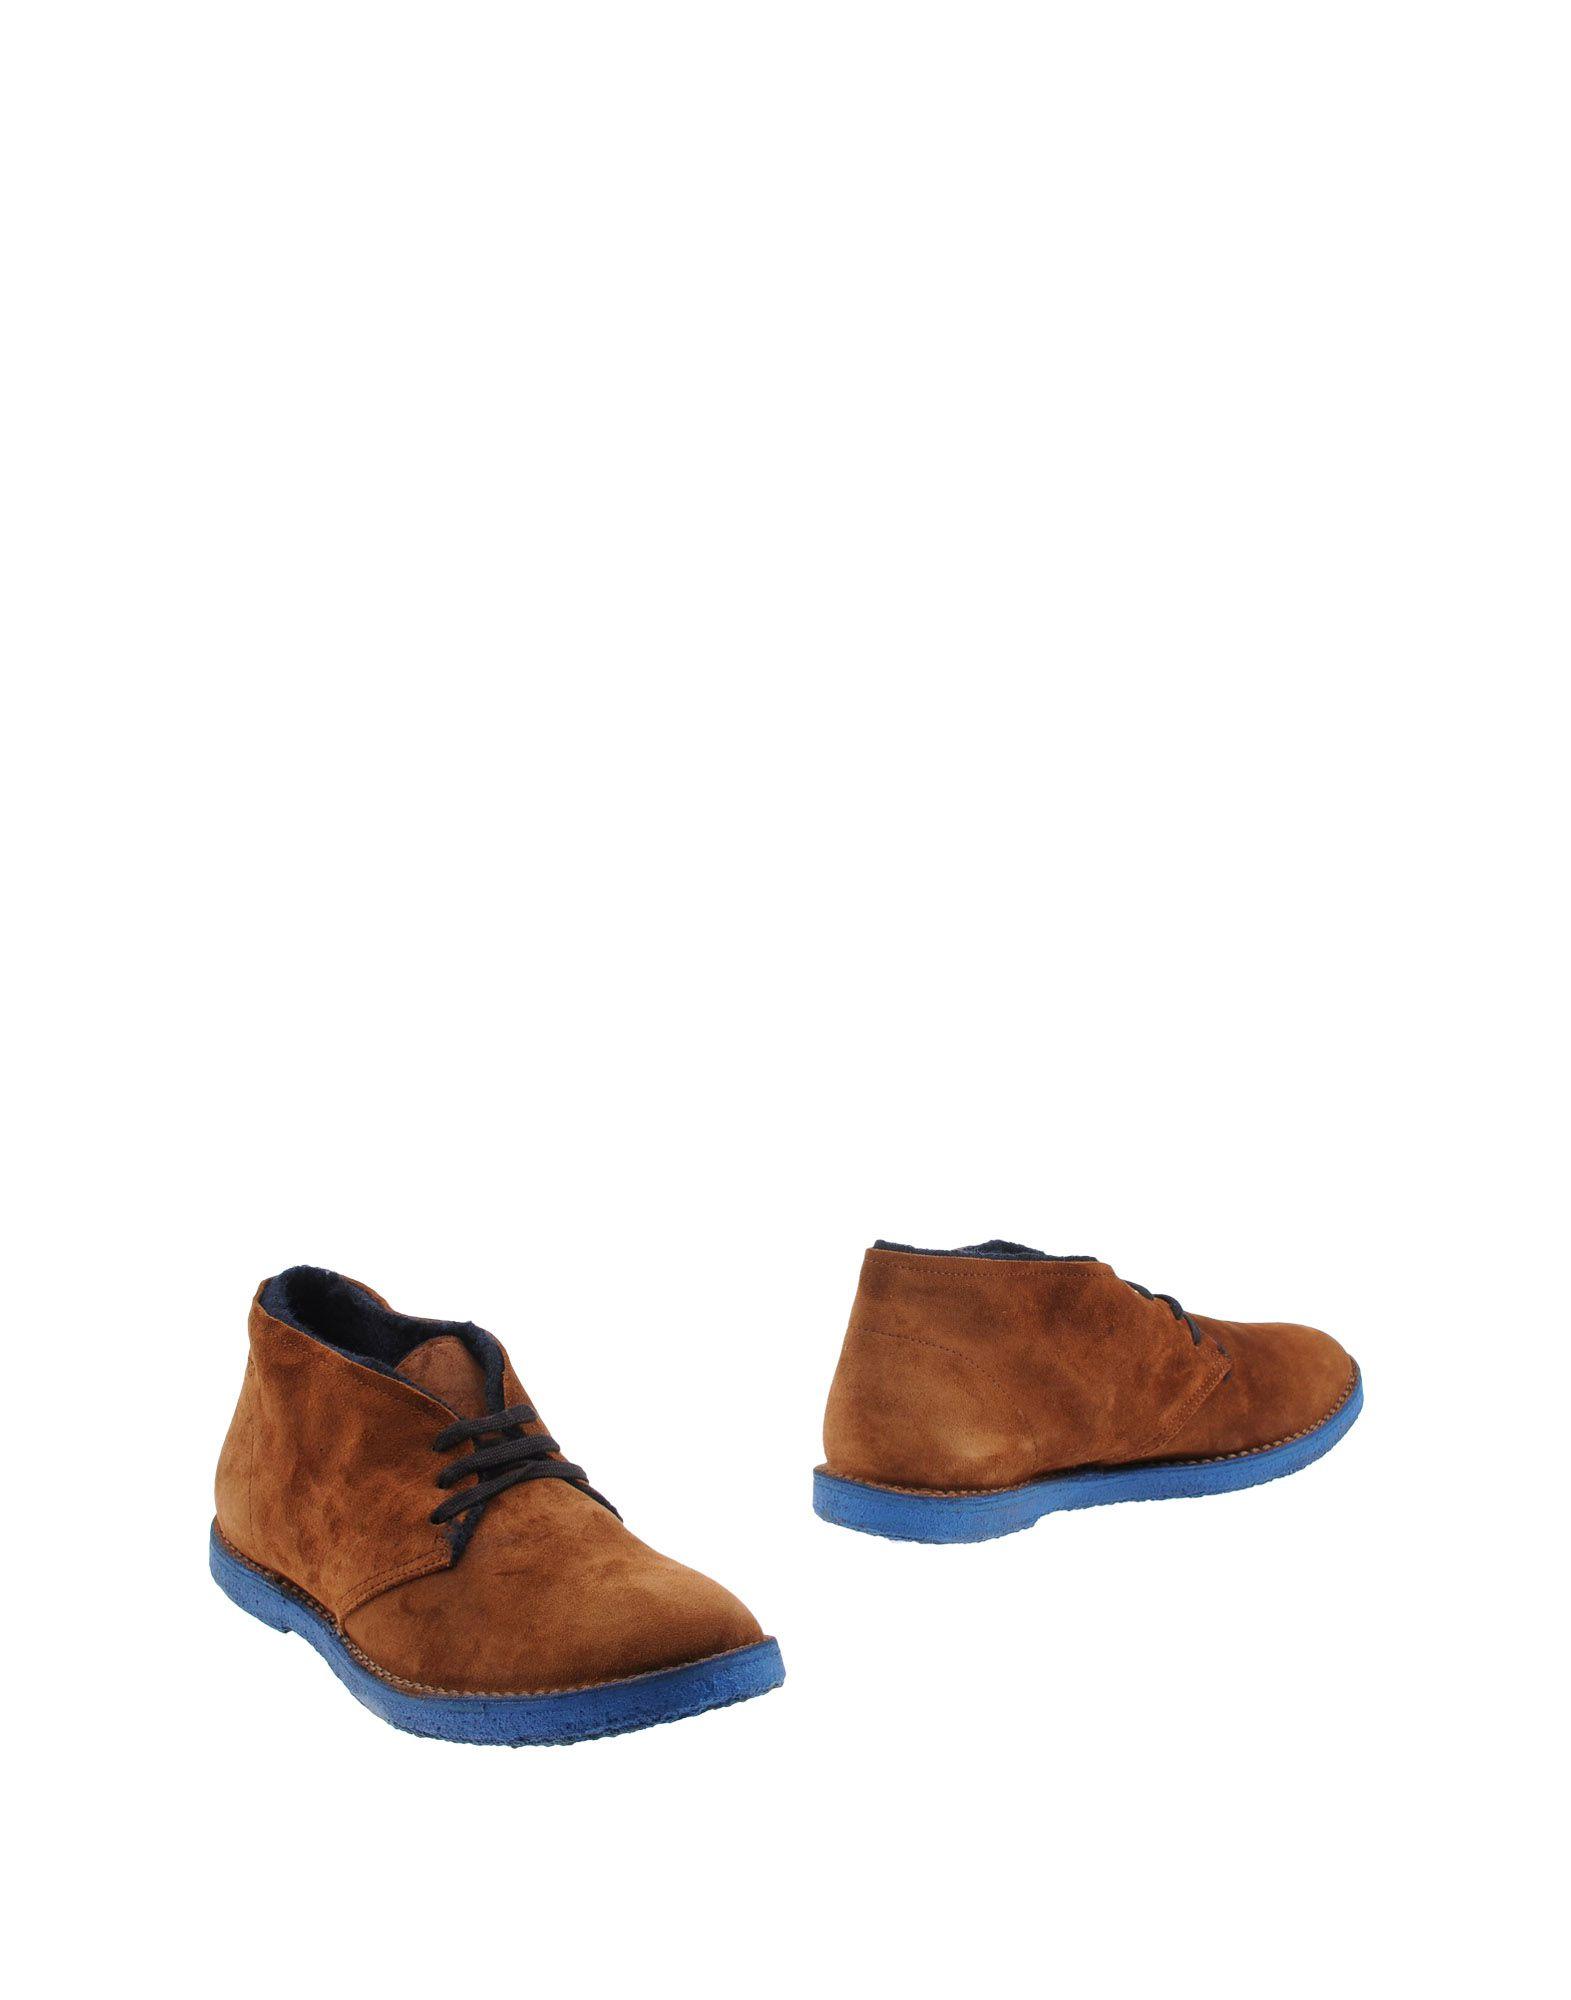 Buttero® Stiefelette Herren  11321337KL Gute Qualität beliebte Schuhe